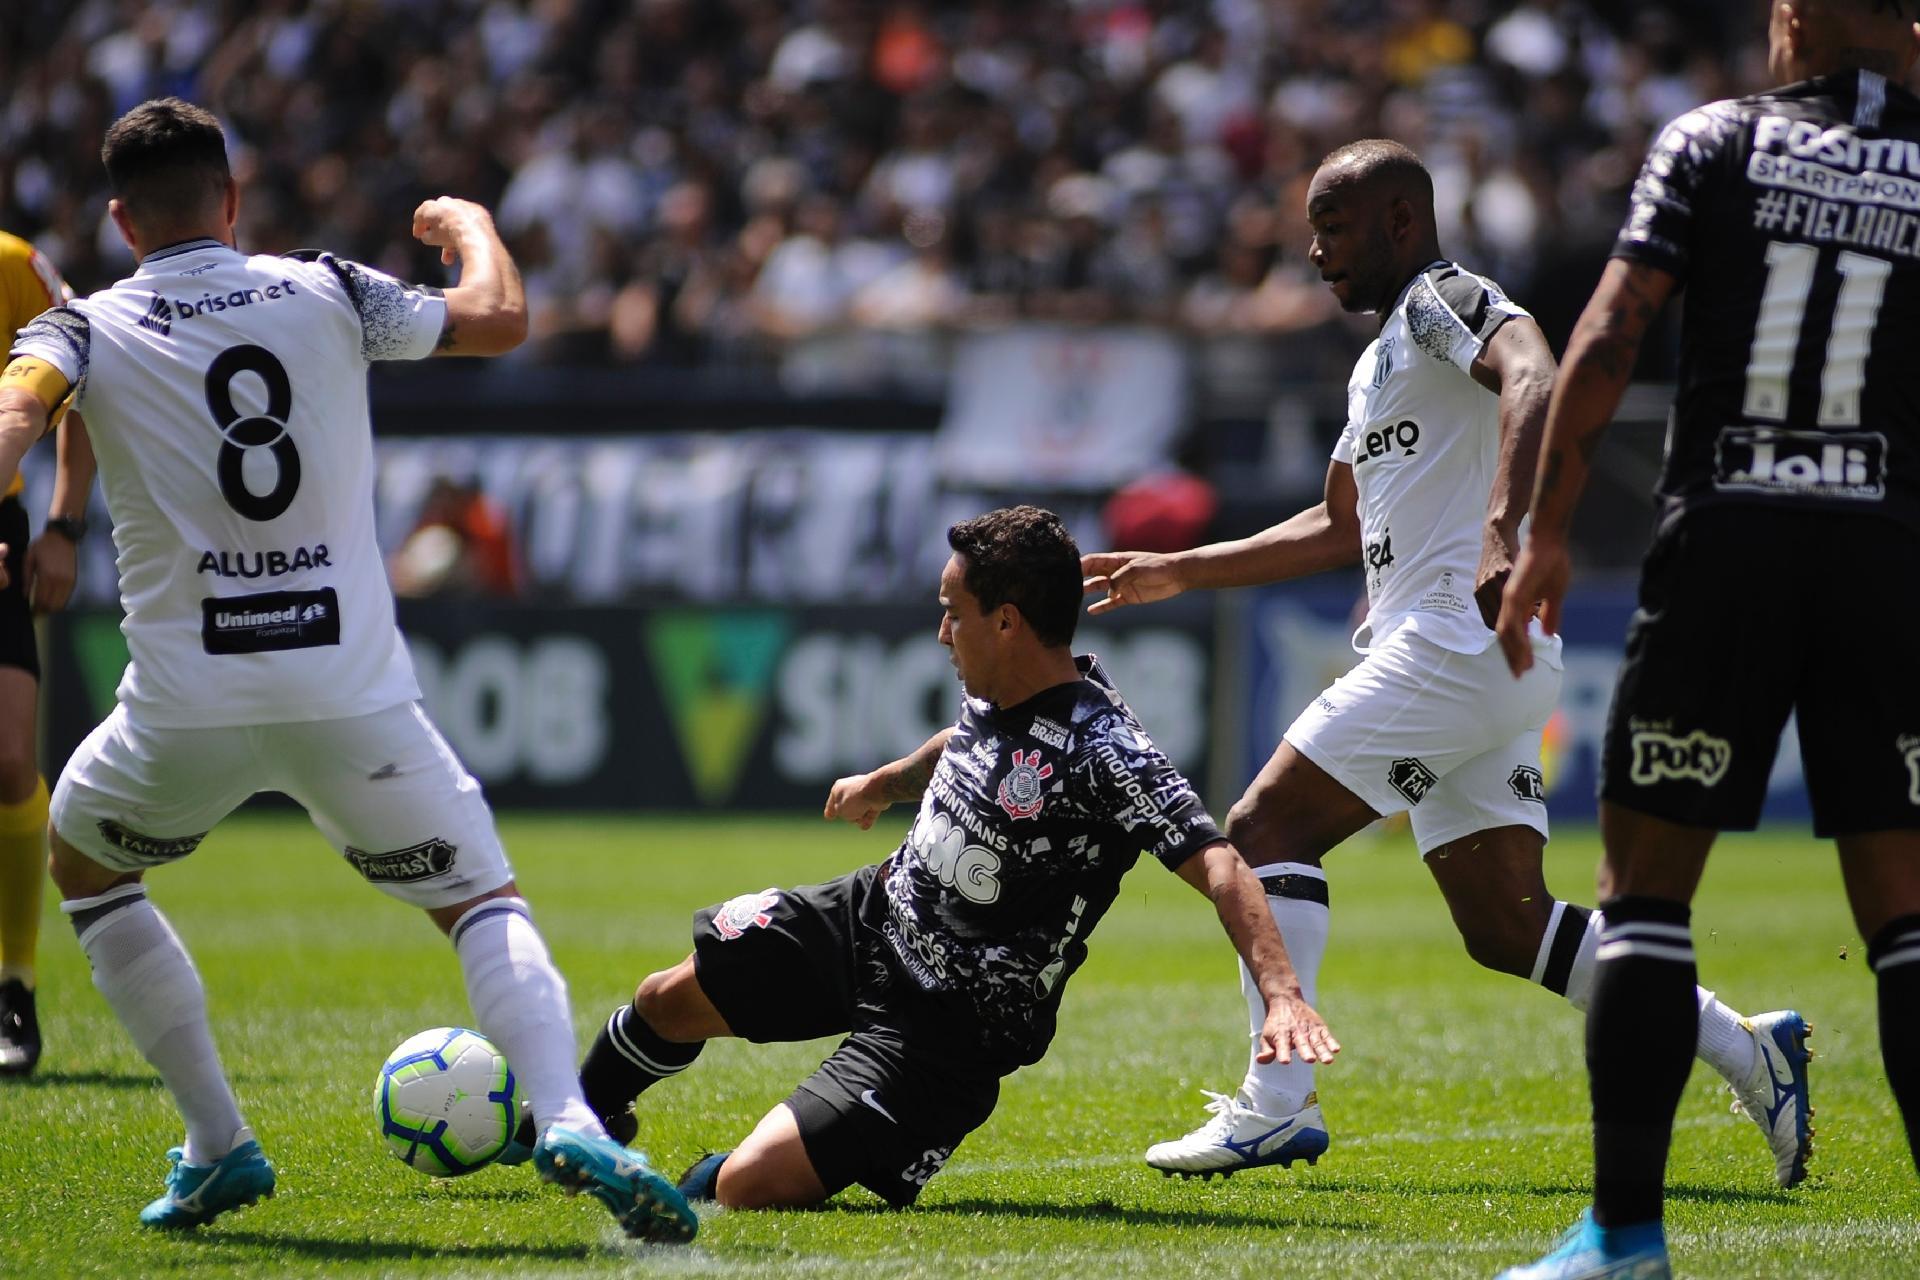 Corinthians Abre 2 A 0 Mas Ceara Se Recupera E Empata Com Golaco Olimpico 07 09 2019 Uol Esporte